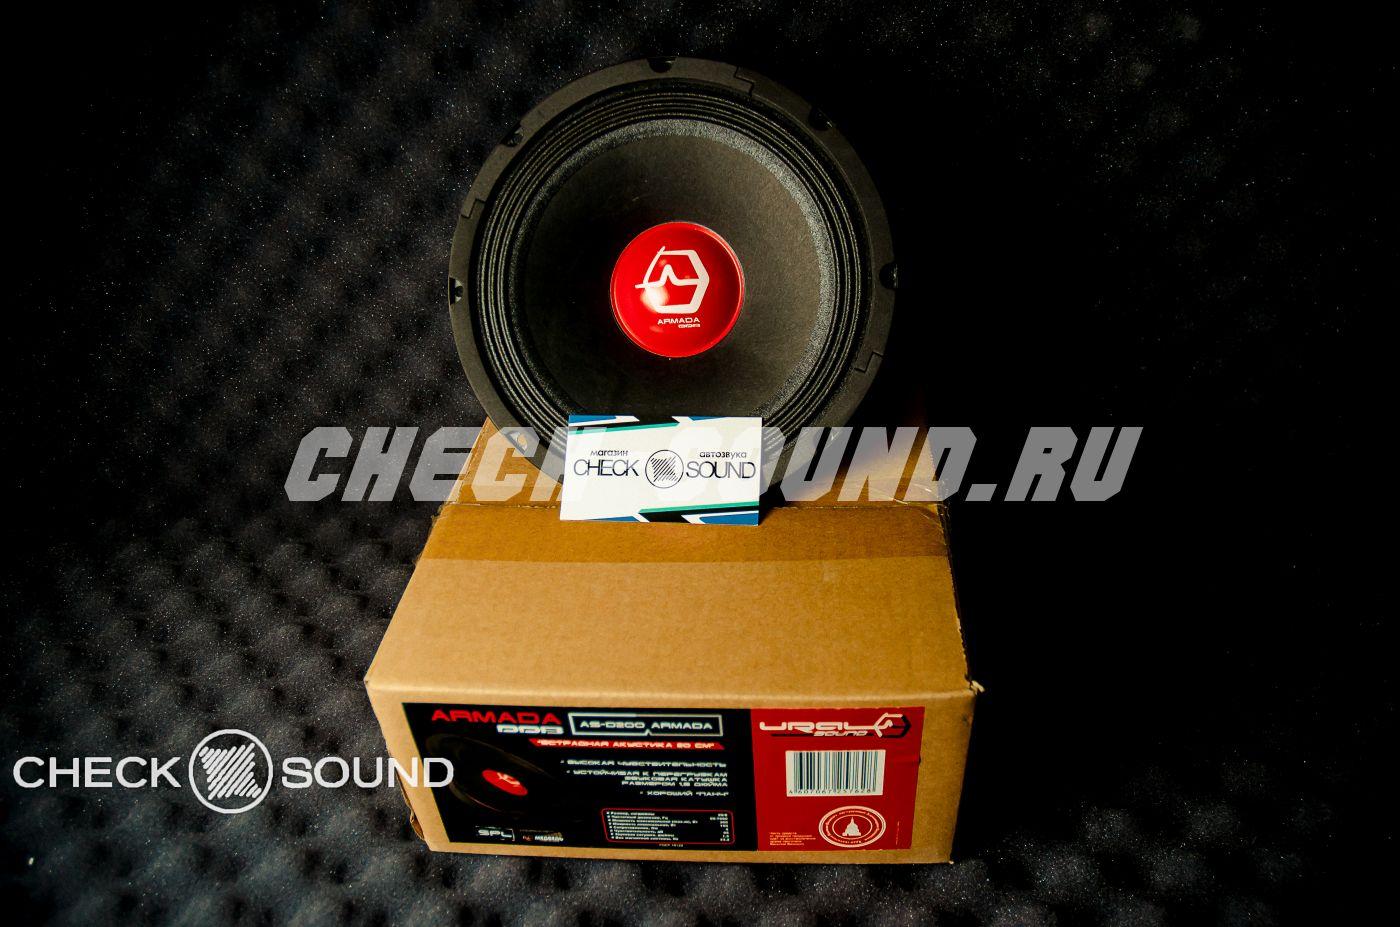 Ural AS-D200